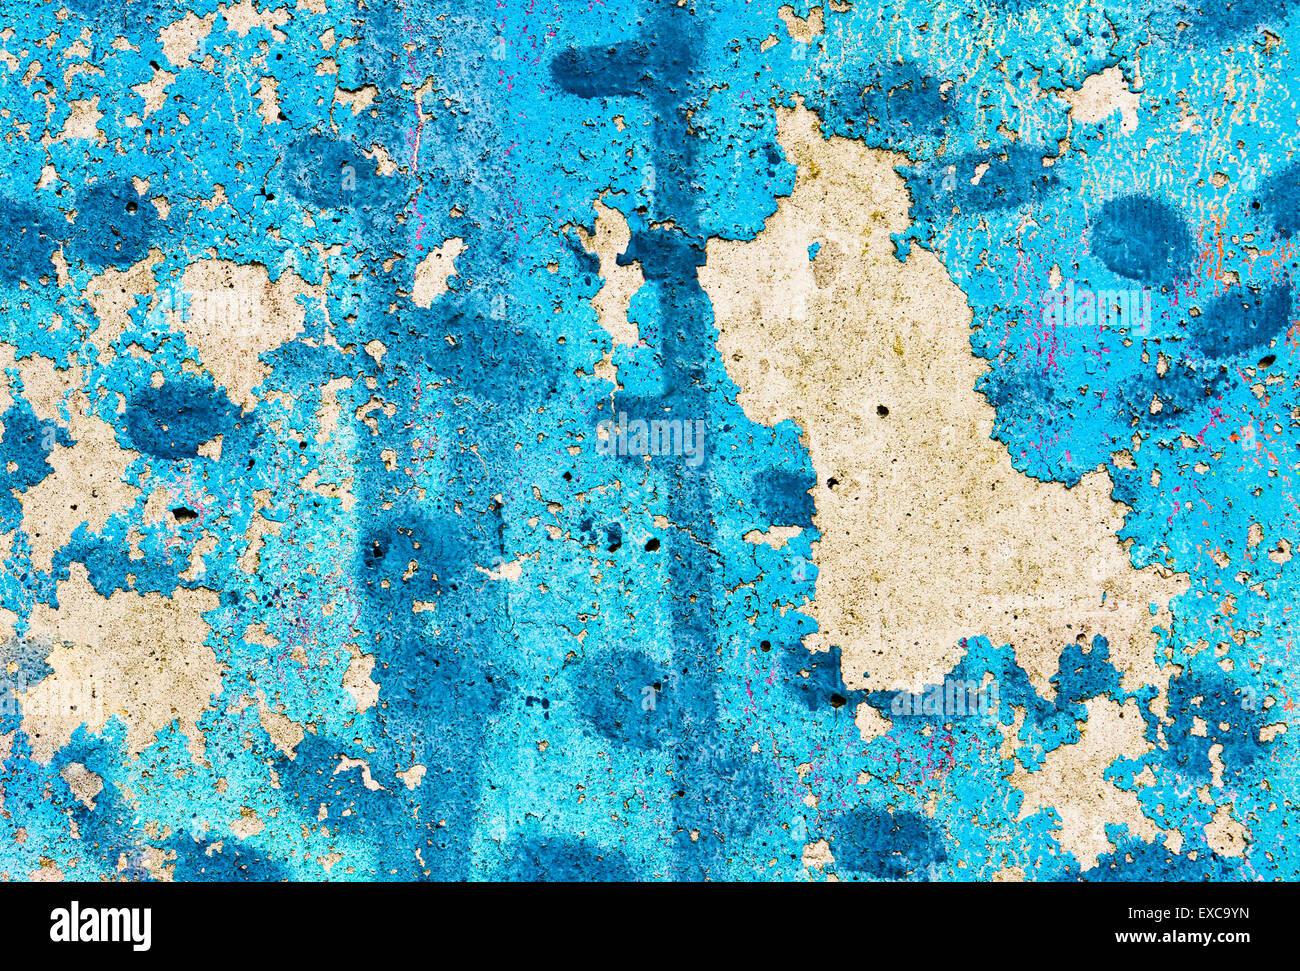 Pelar la pintura azul sobre un muro de piedra, como un fondo Imagen De Stock